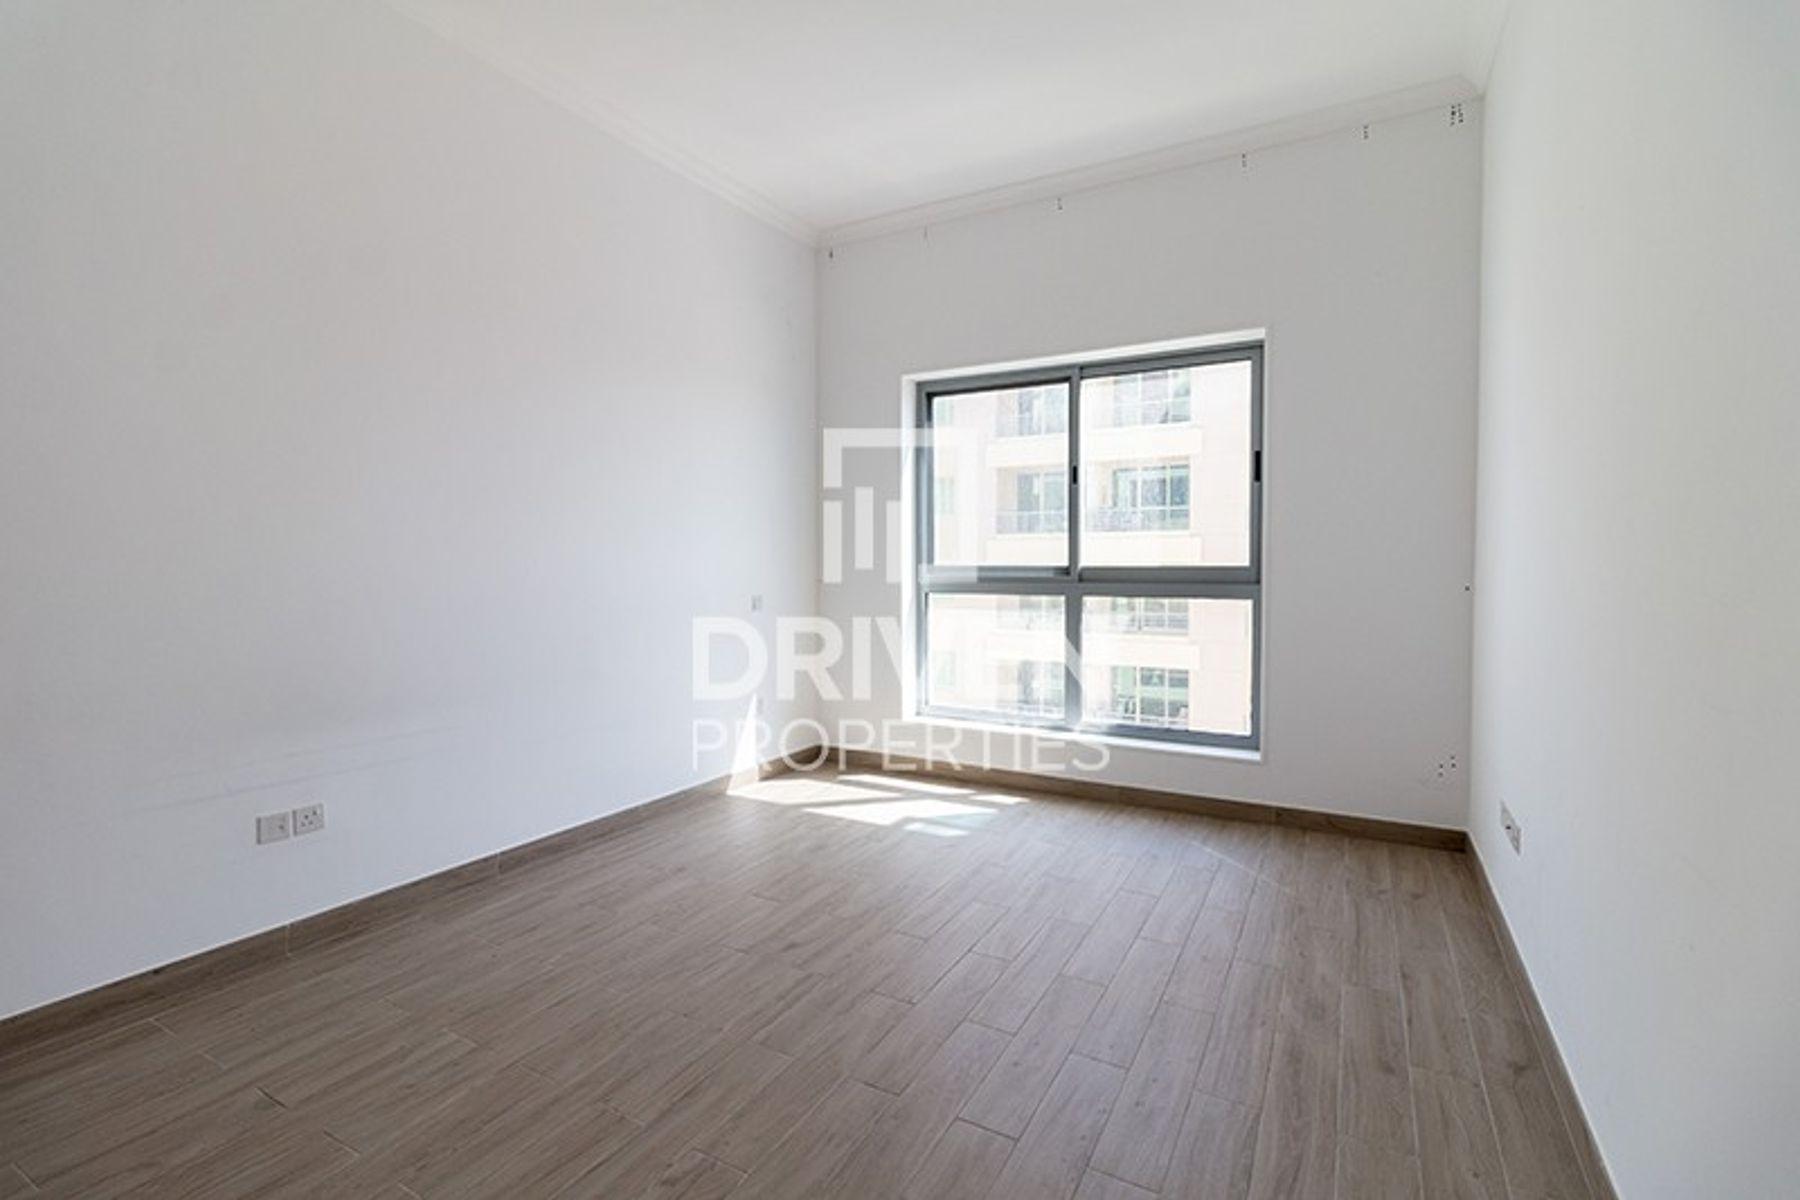 للايجار - شقة - آرت اكس - واحة السيليكون